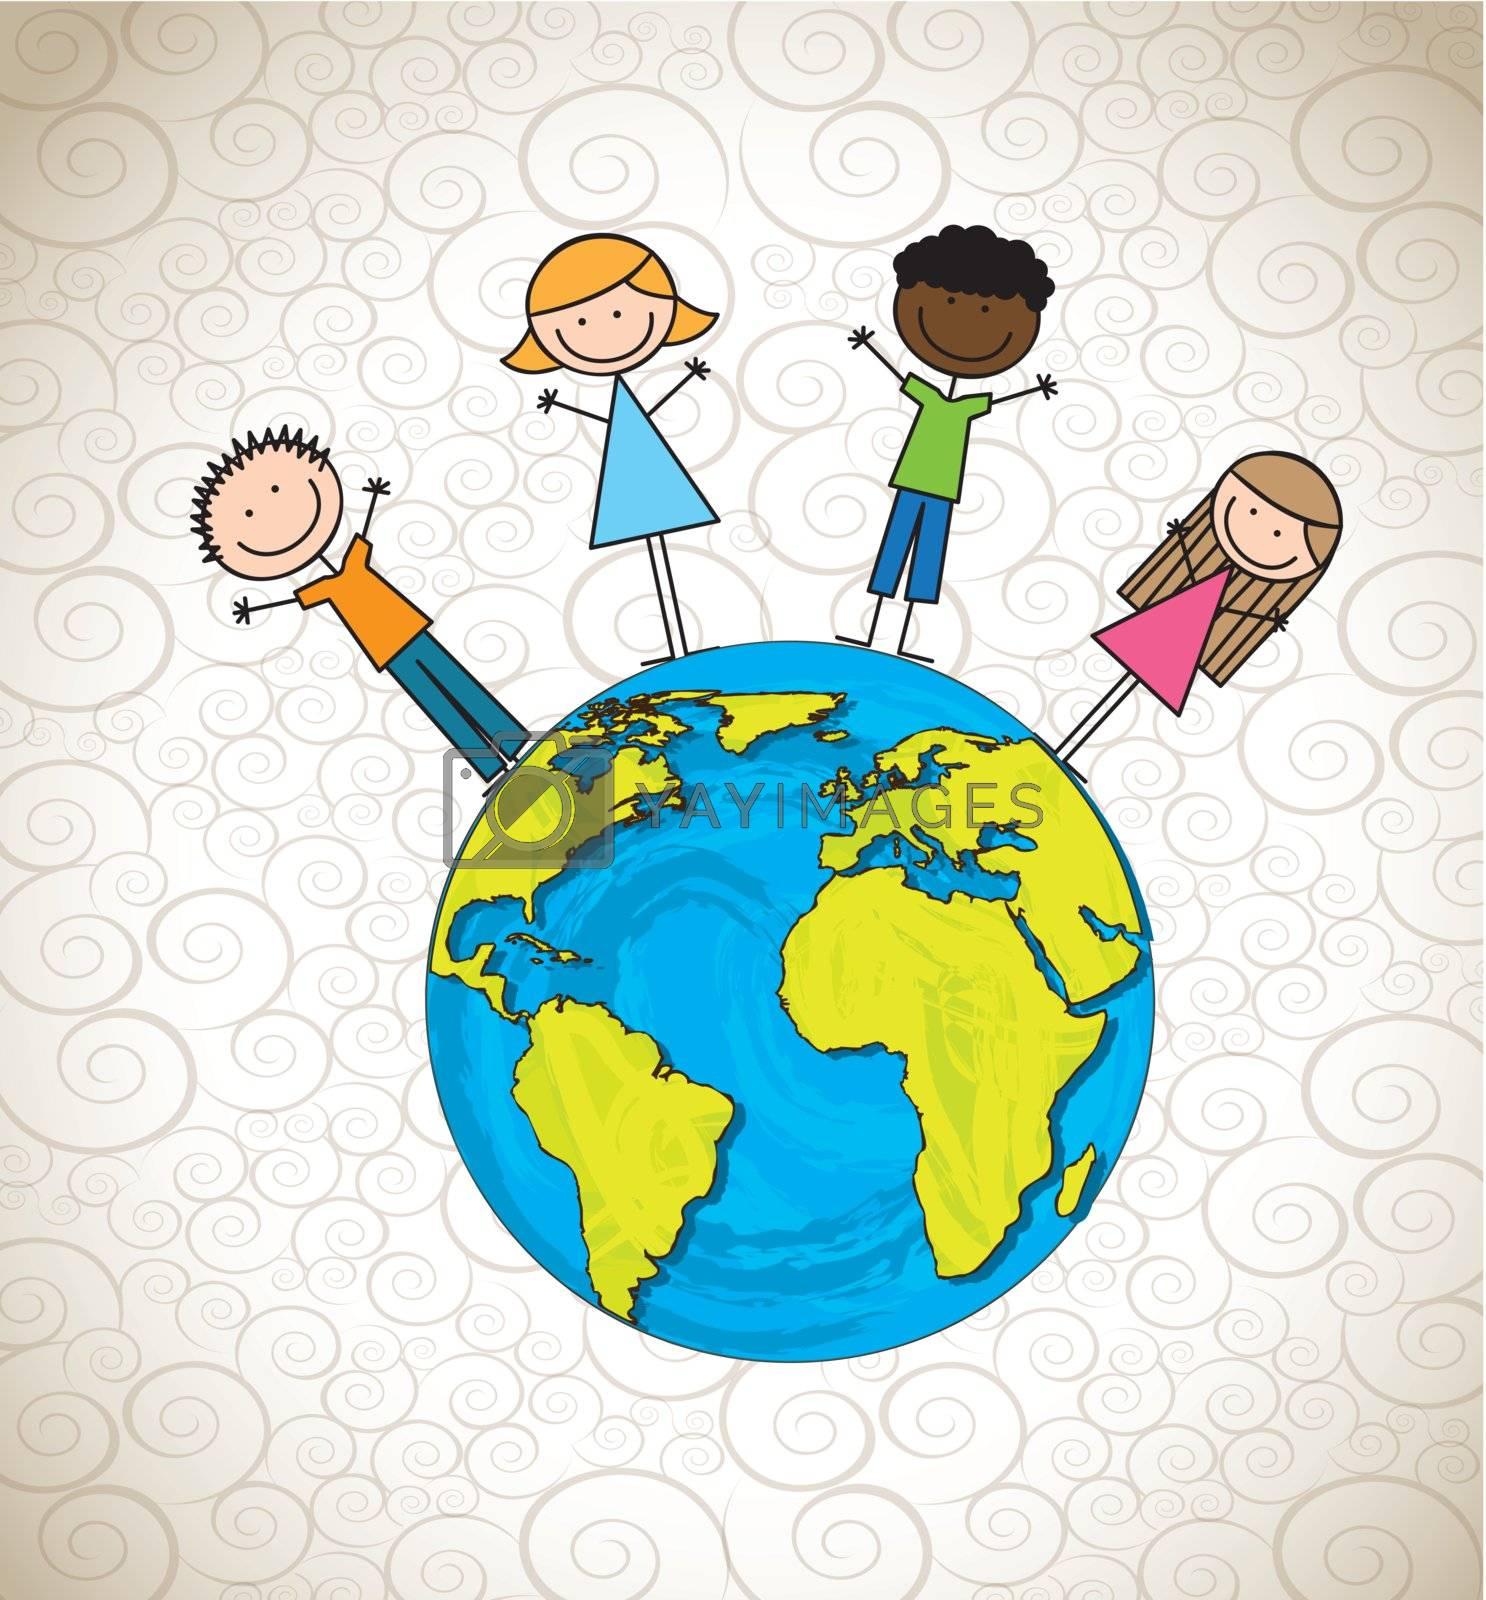 Children and planet over vintage background vector illustration